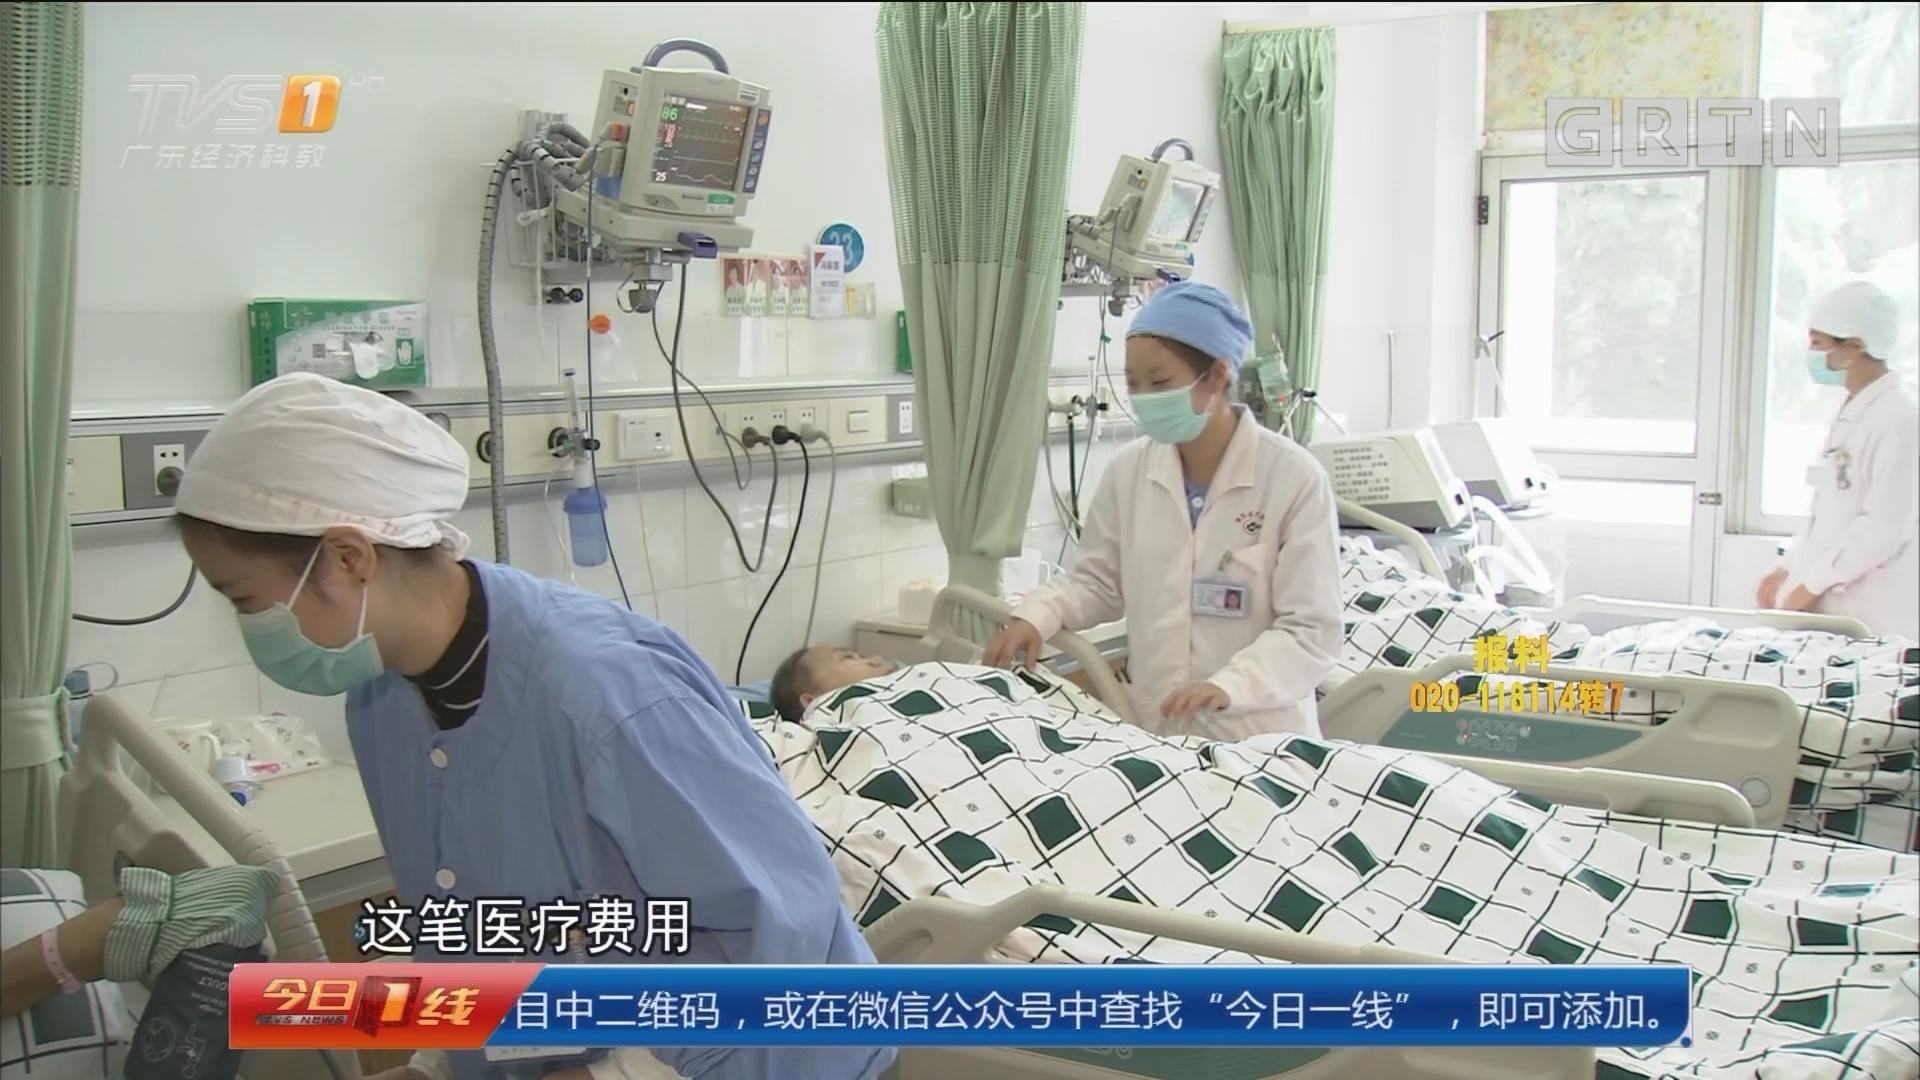 学习宣传贯彻党的十九大精神:广州 拟增医联体付费方式 力推分级诊疗